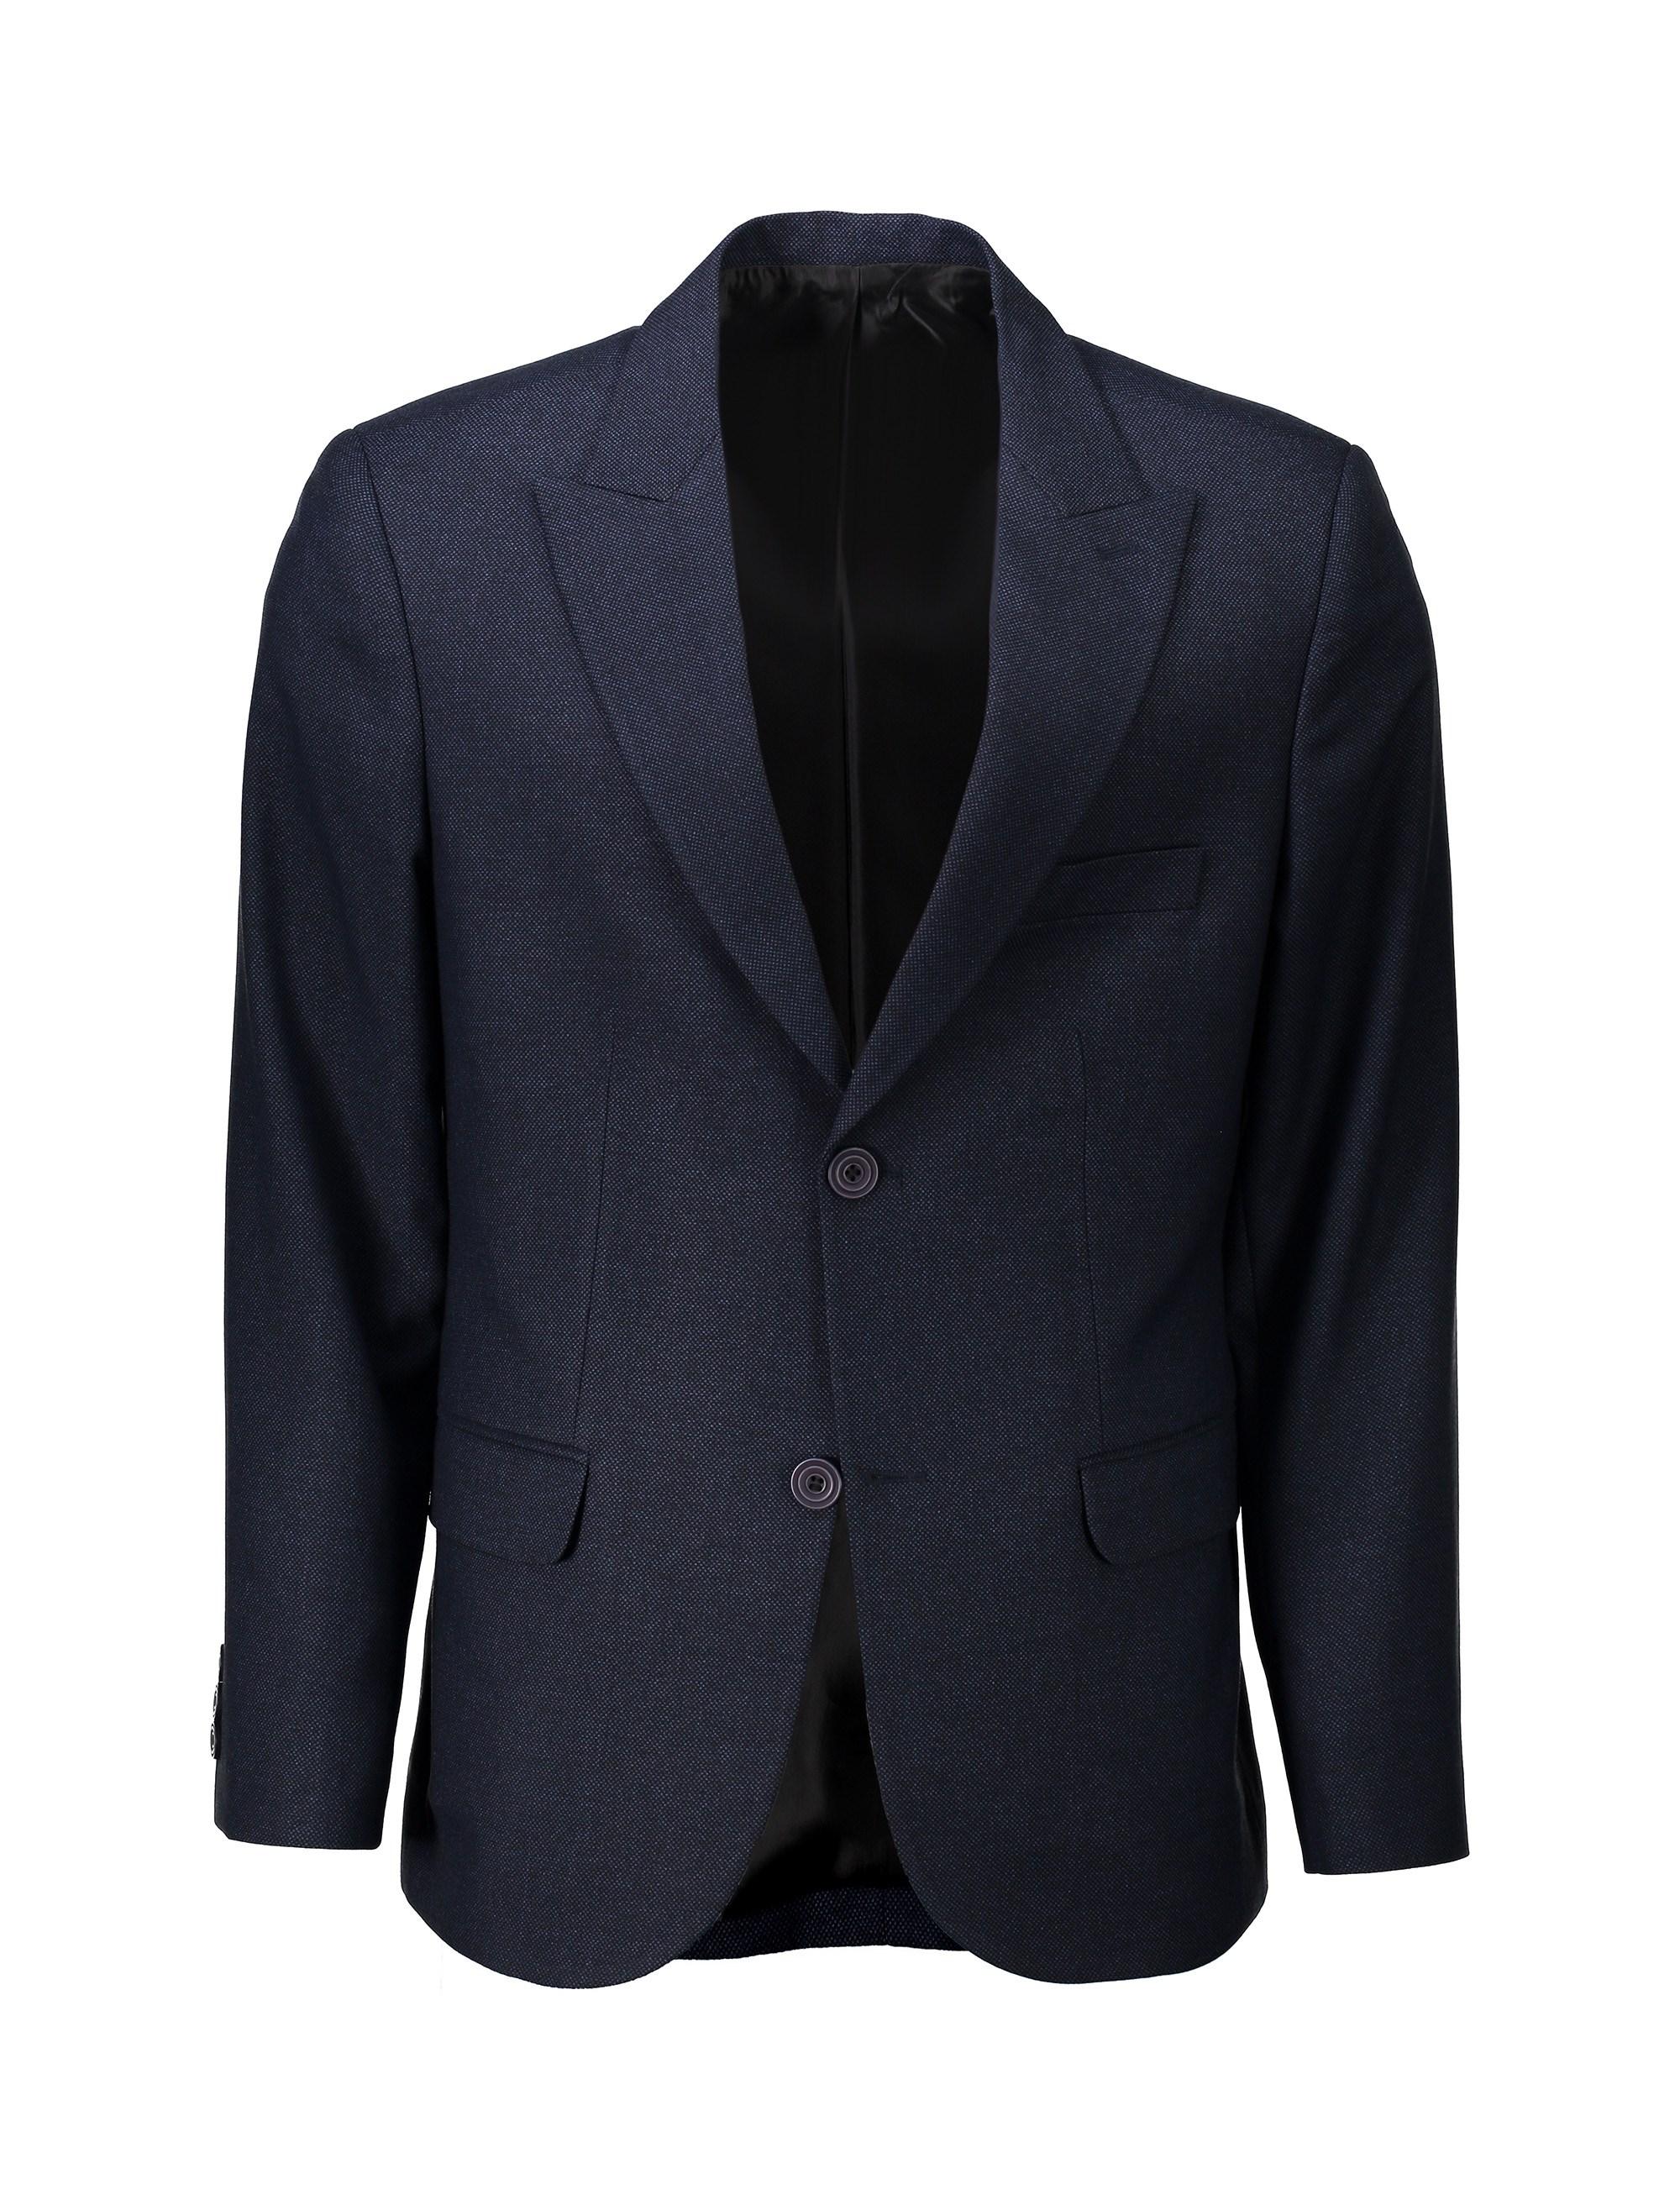 کت تک رسمی مردانه - خانه مد راد - سرمه اي - 1